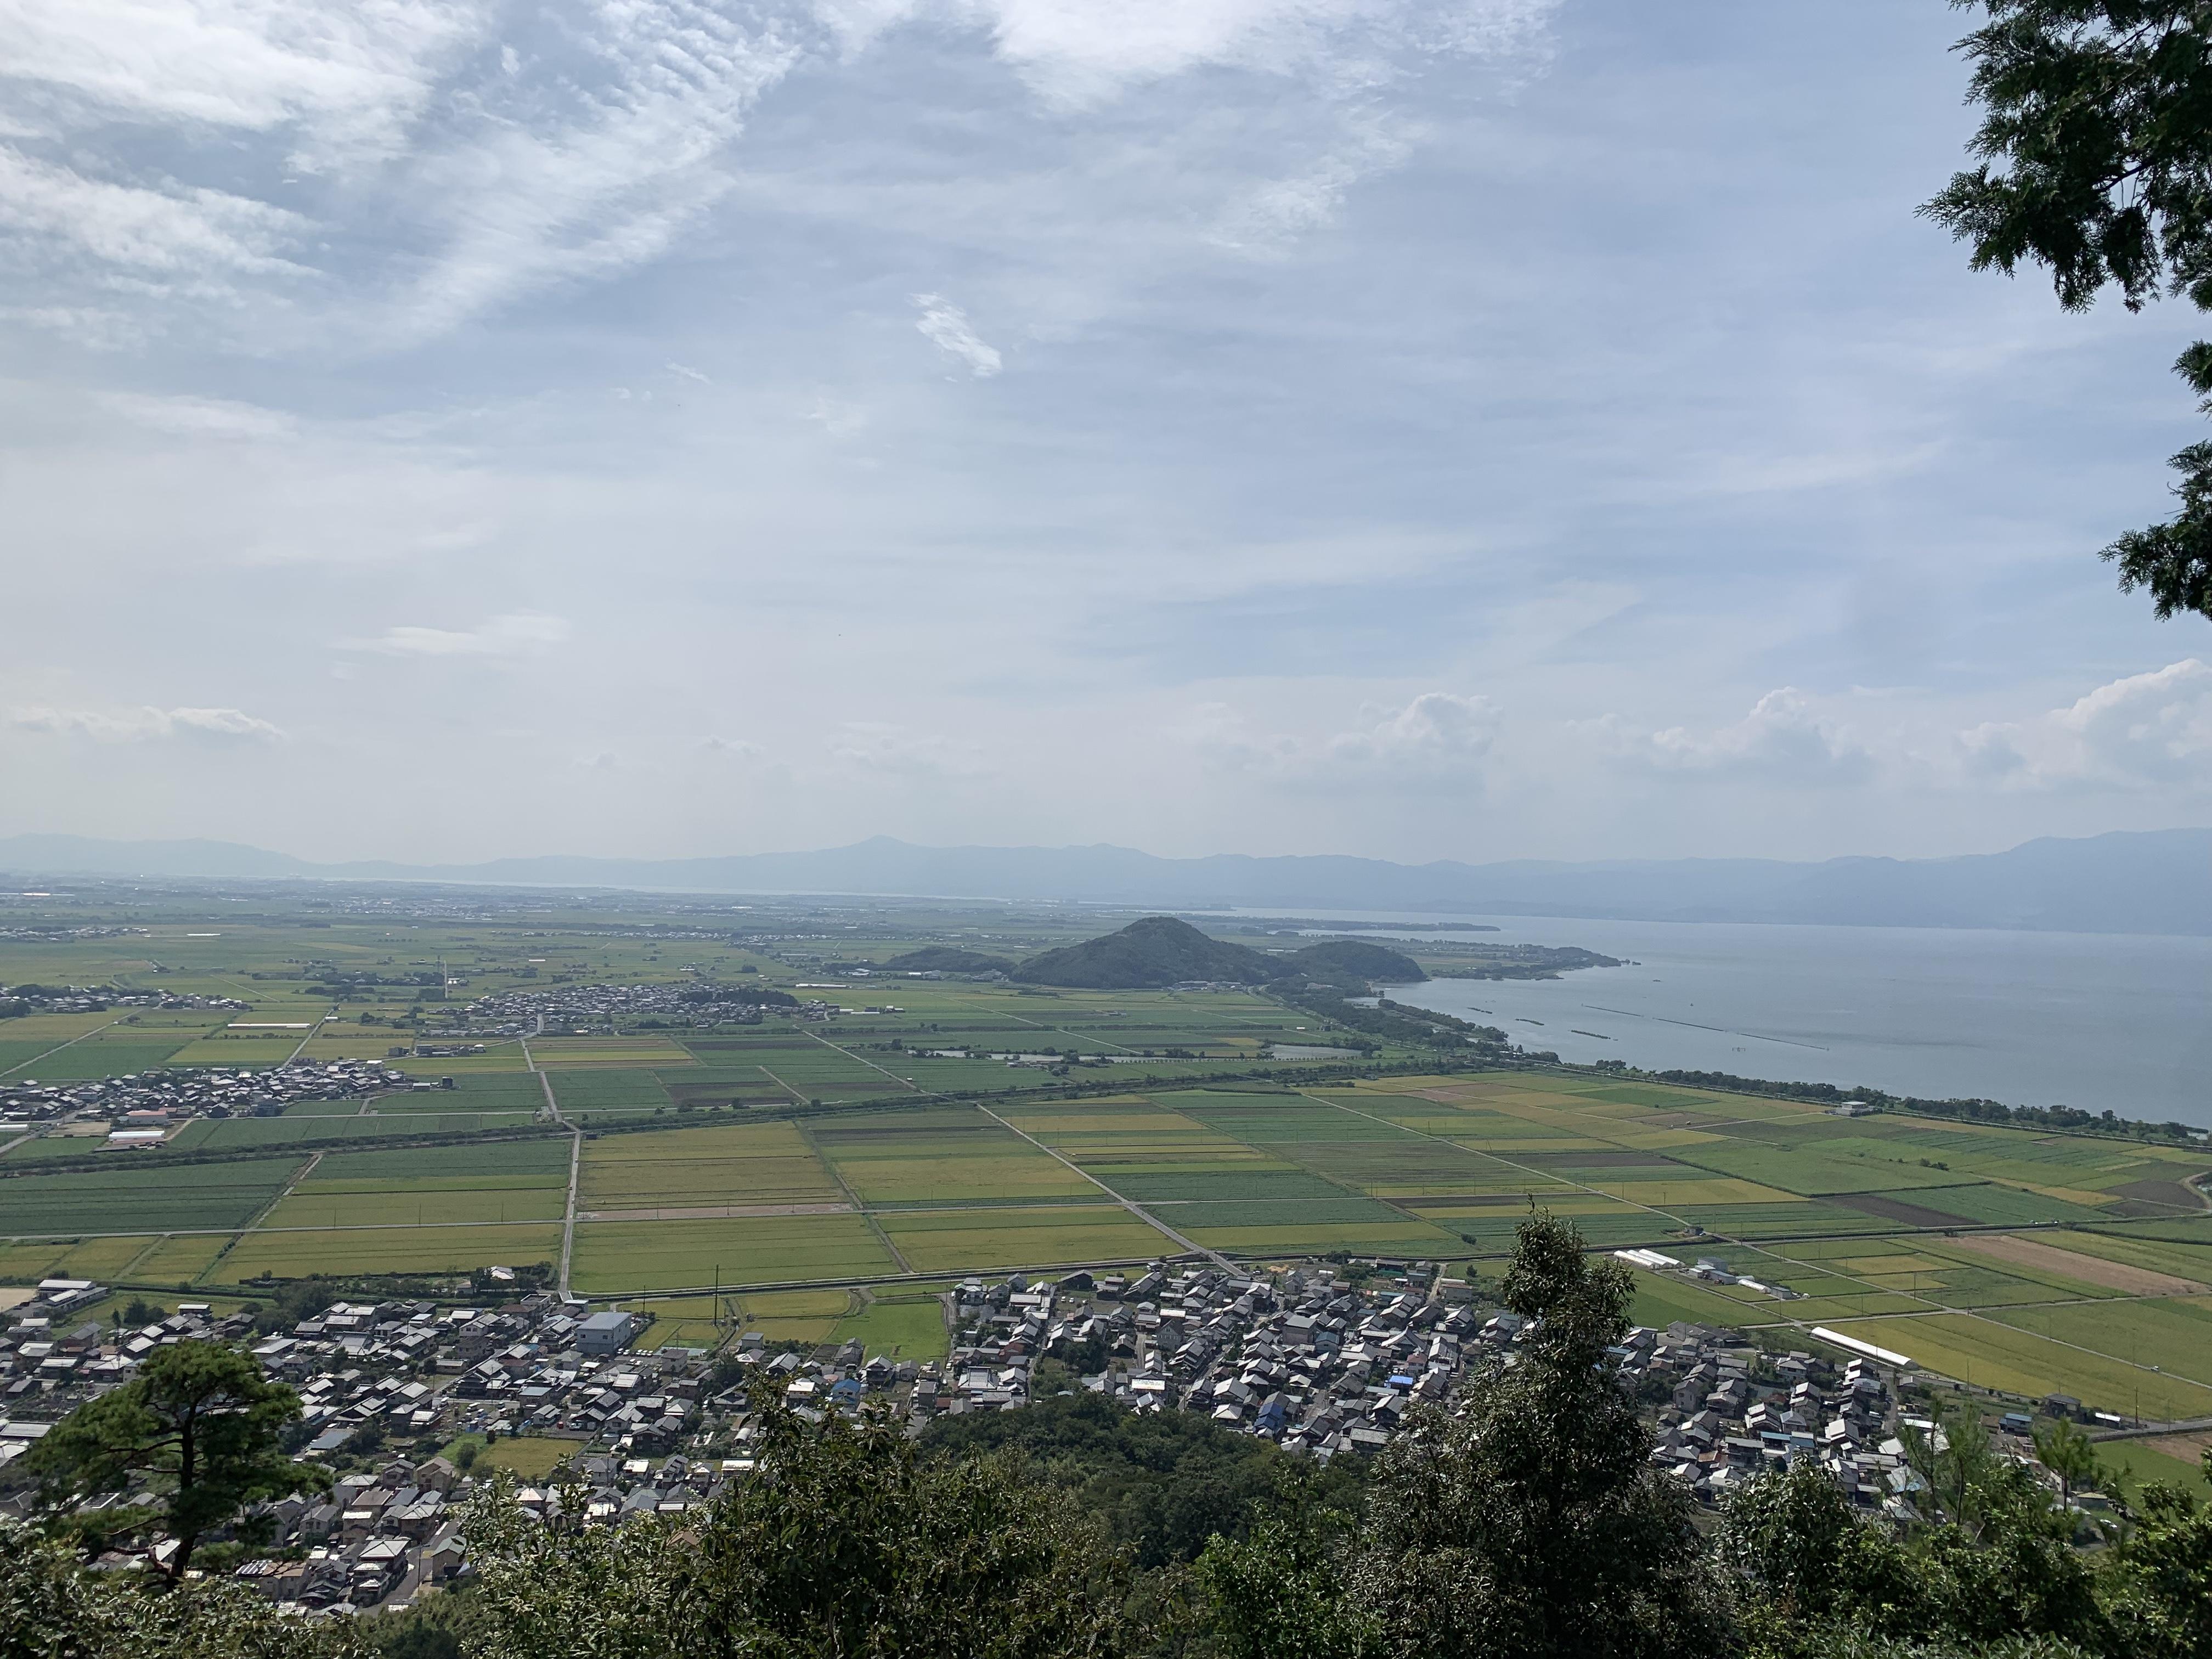 ハーレーダイナとカワサキで行く近江八幡ツーリング 八幡山 絶景ポイント